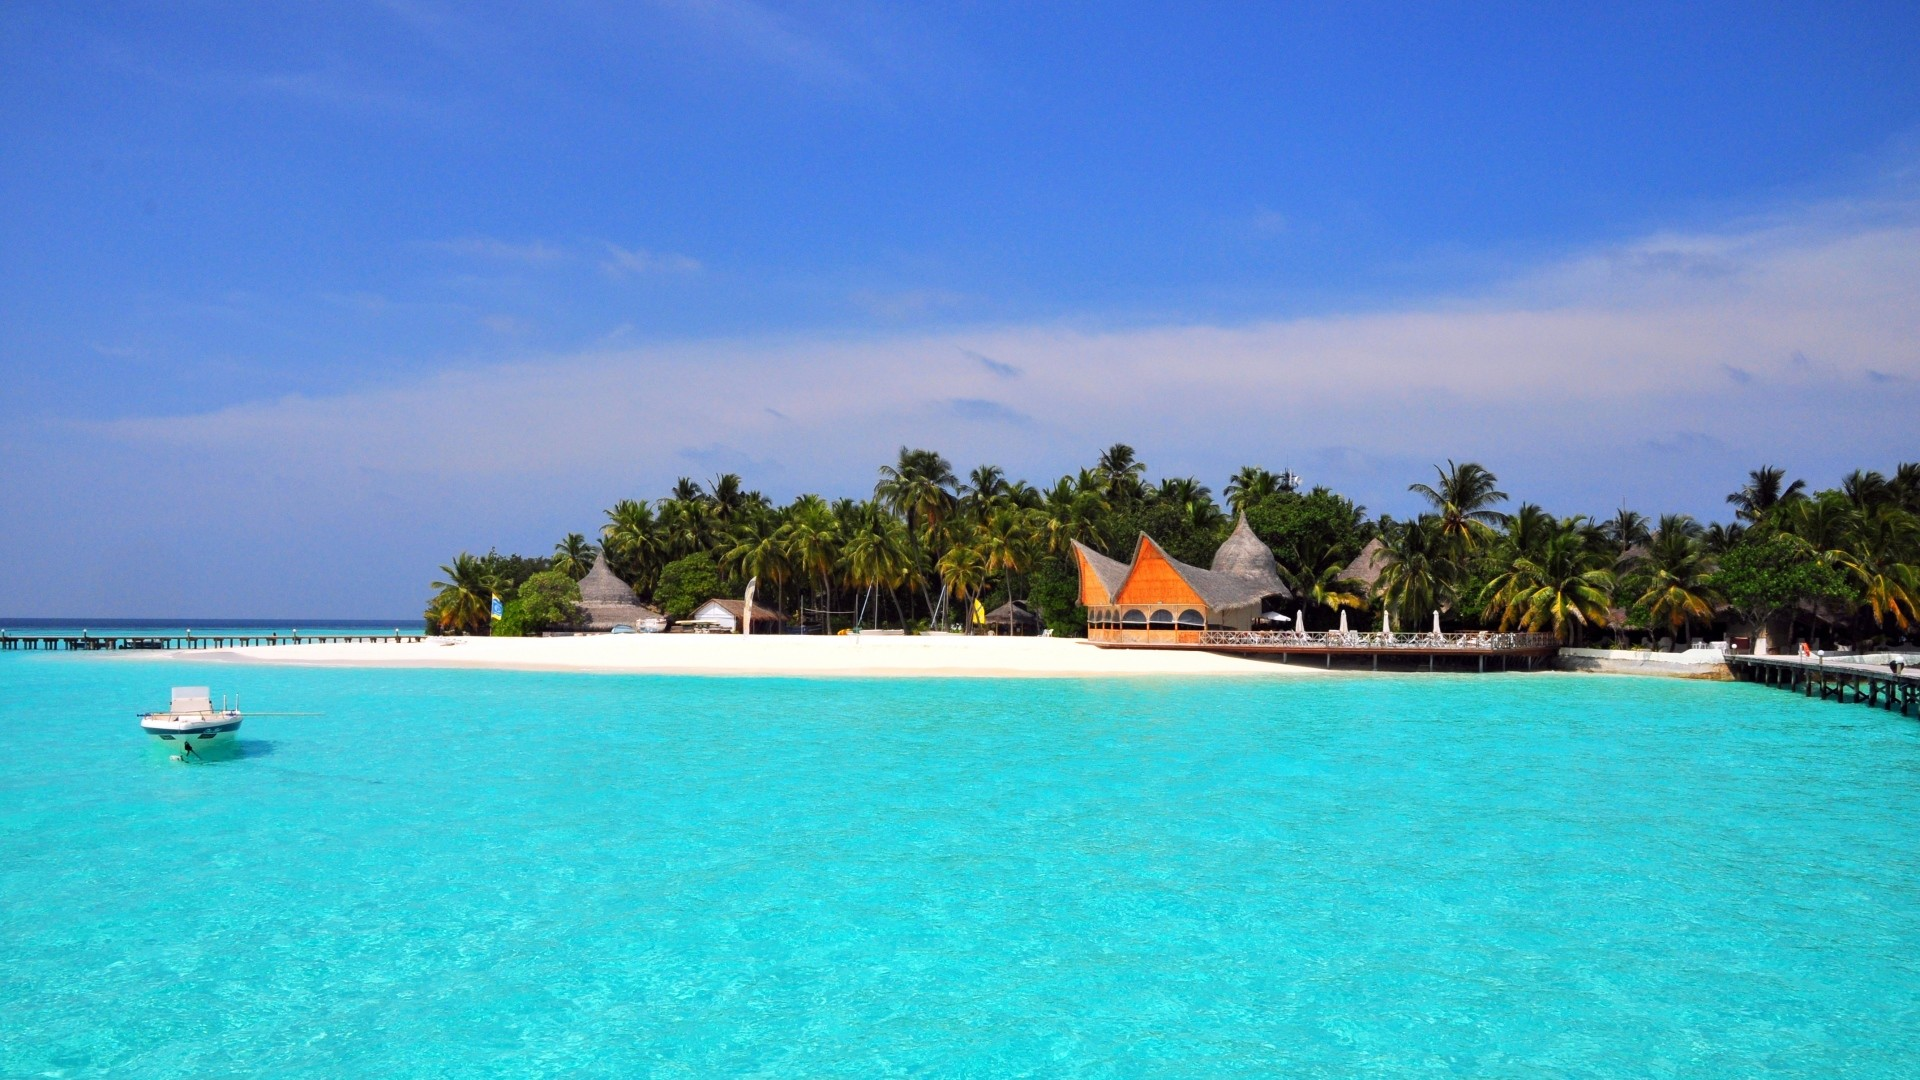 Preview wallpaper maldives, tropical, beach, island 1920×1080